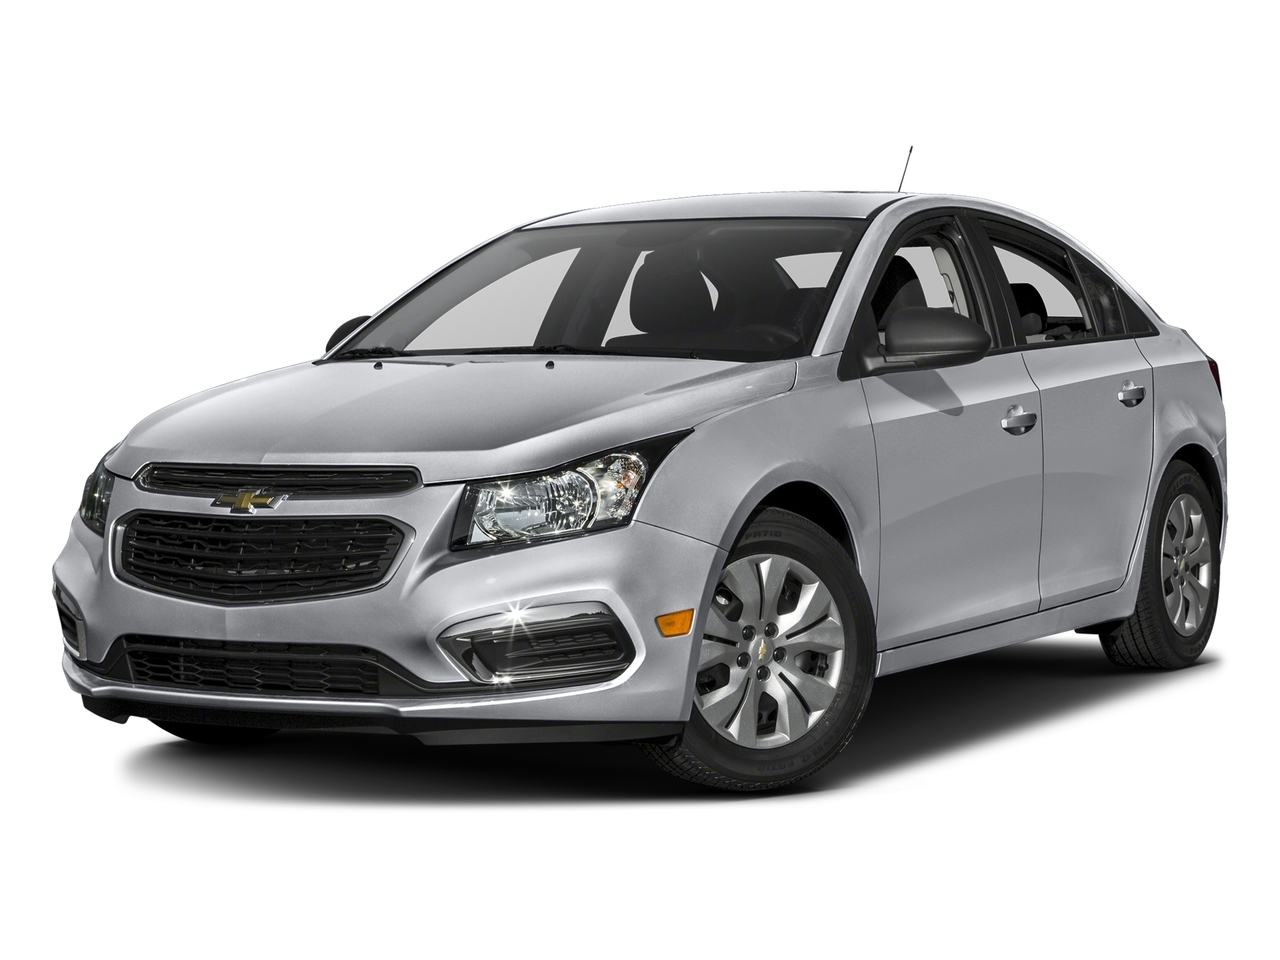 2016 Chevrolet Cruze Limited LS 4dr Car Slide 0